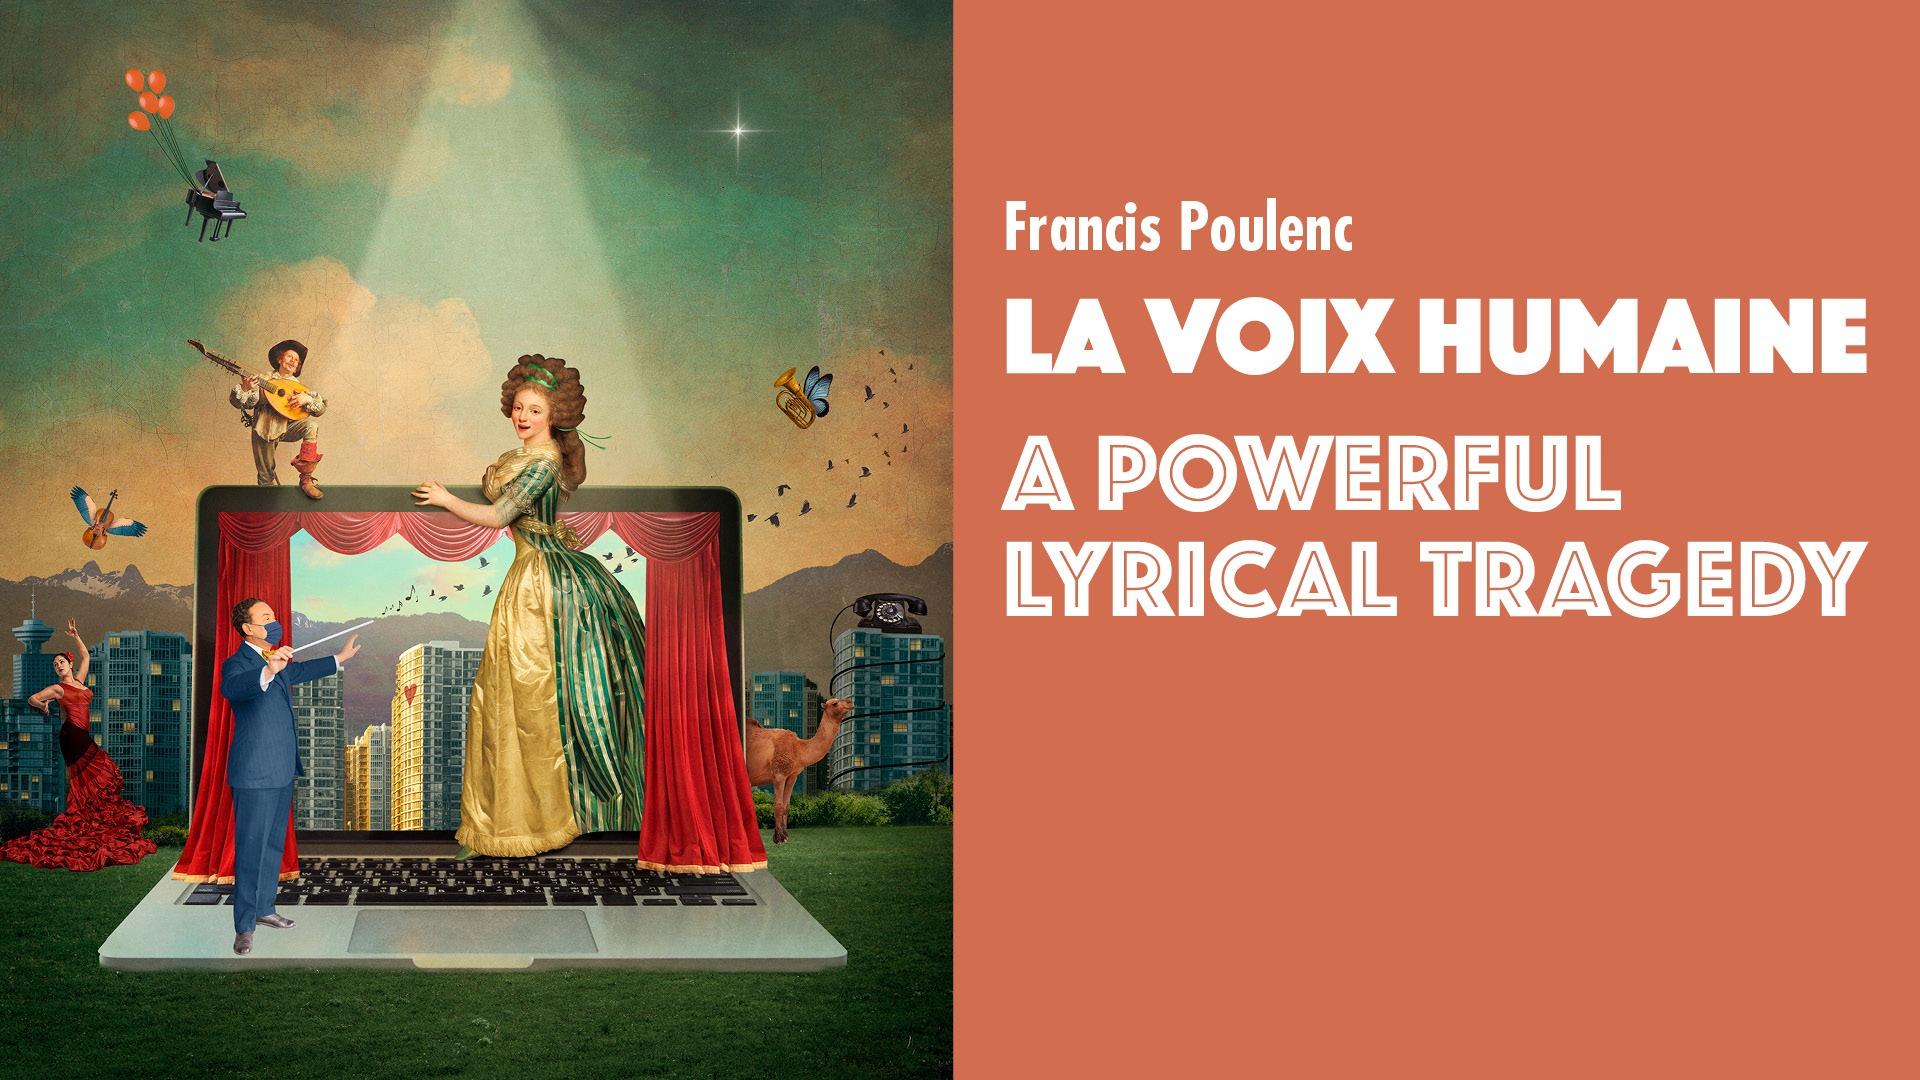 La Voix Humaine by Francis Poulenc